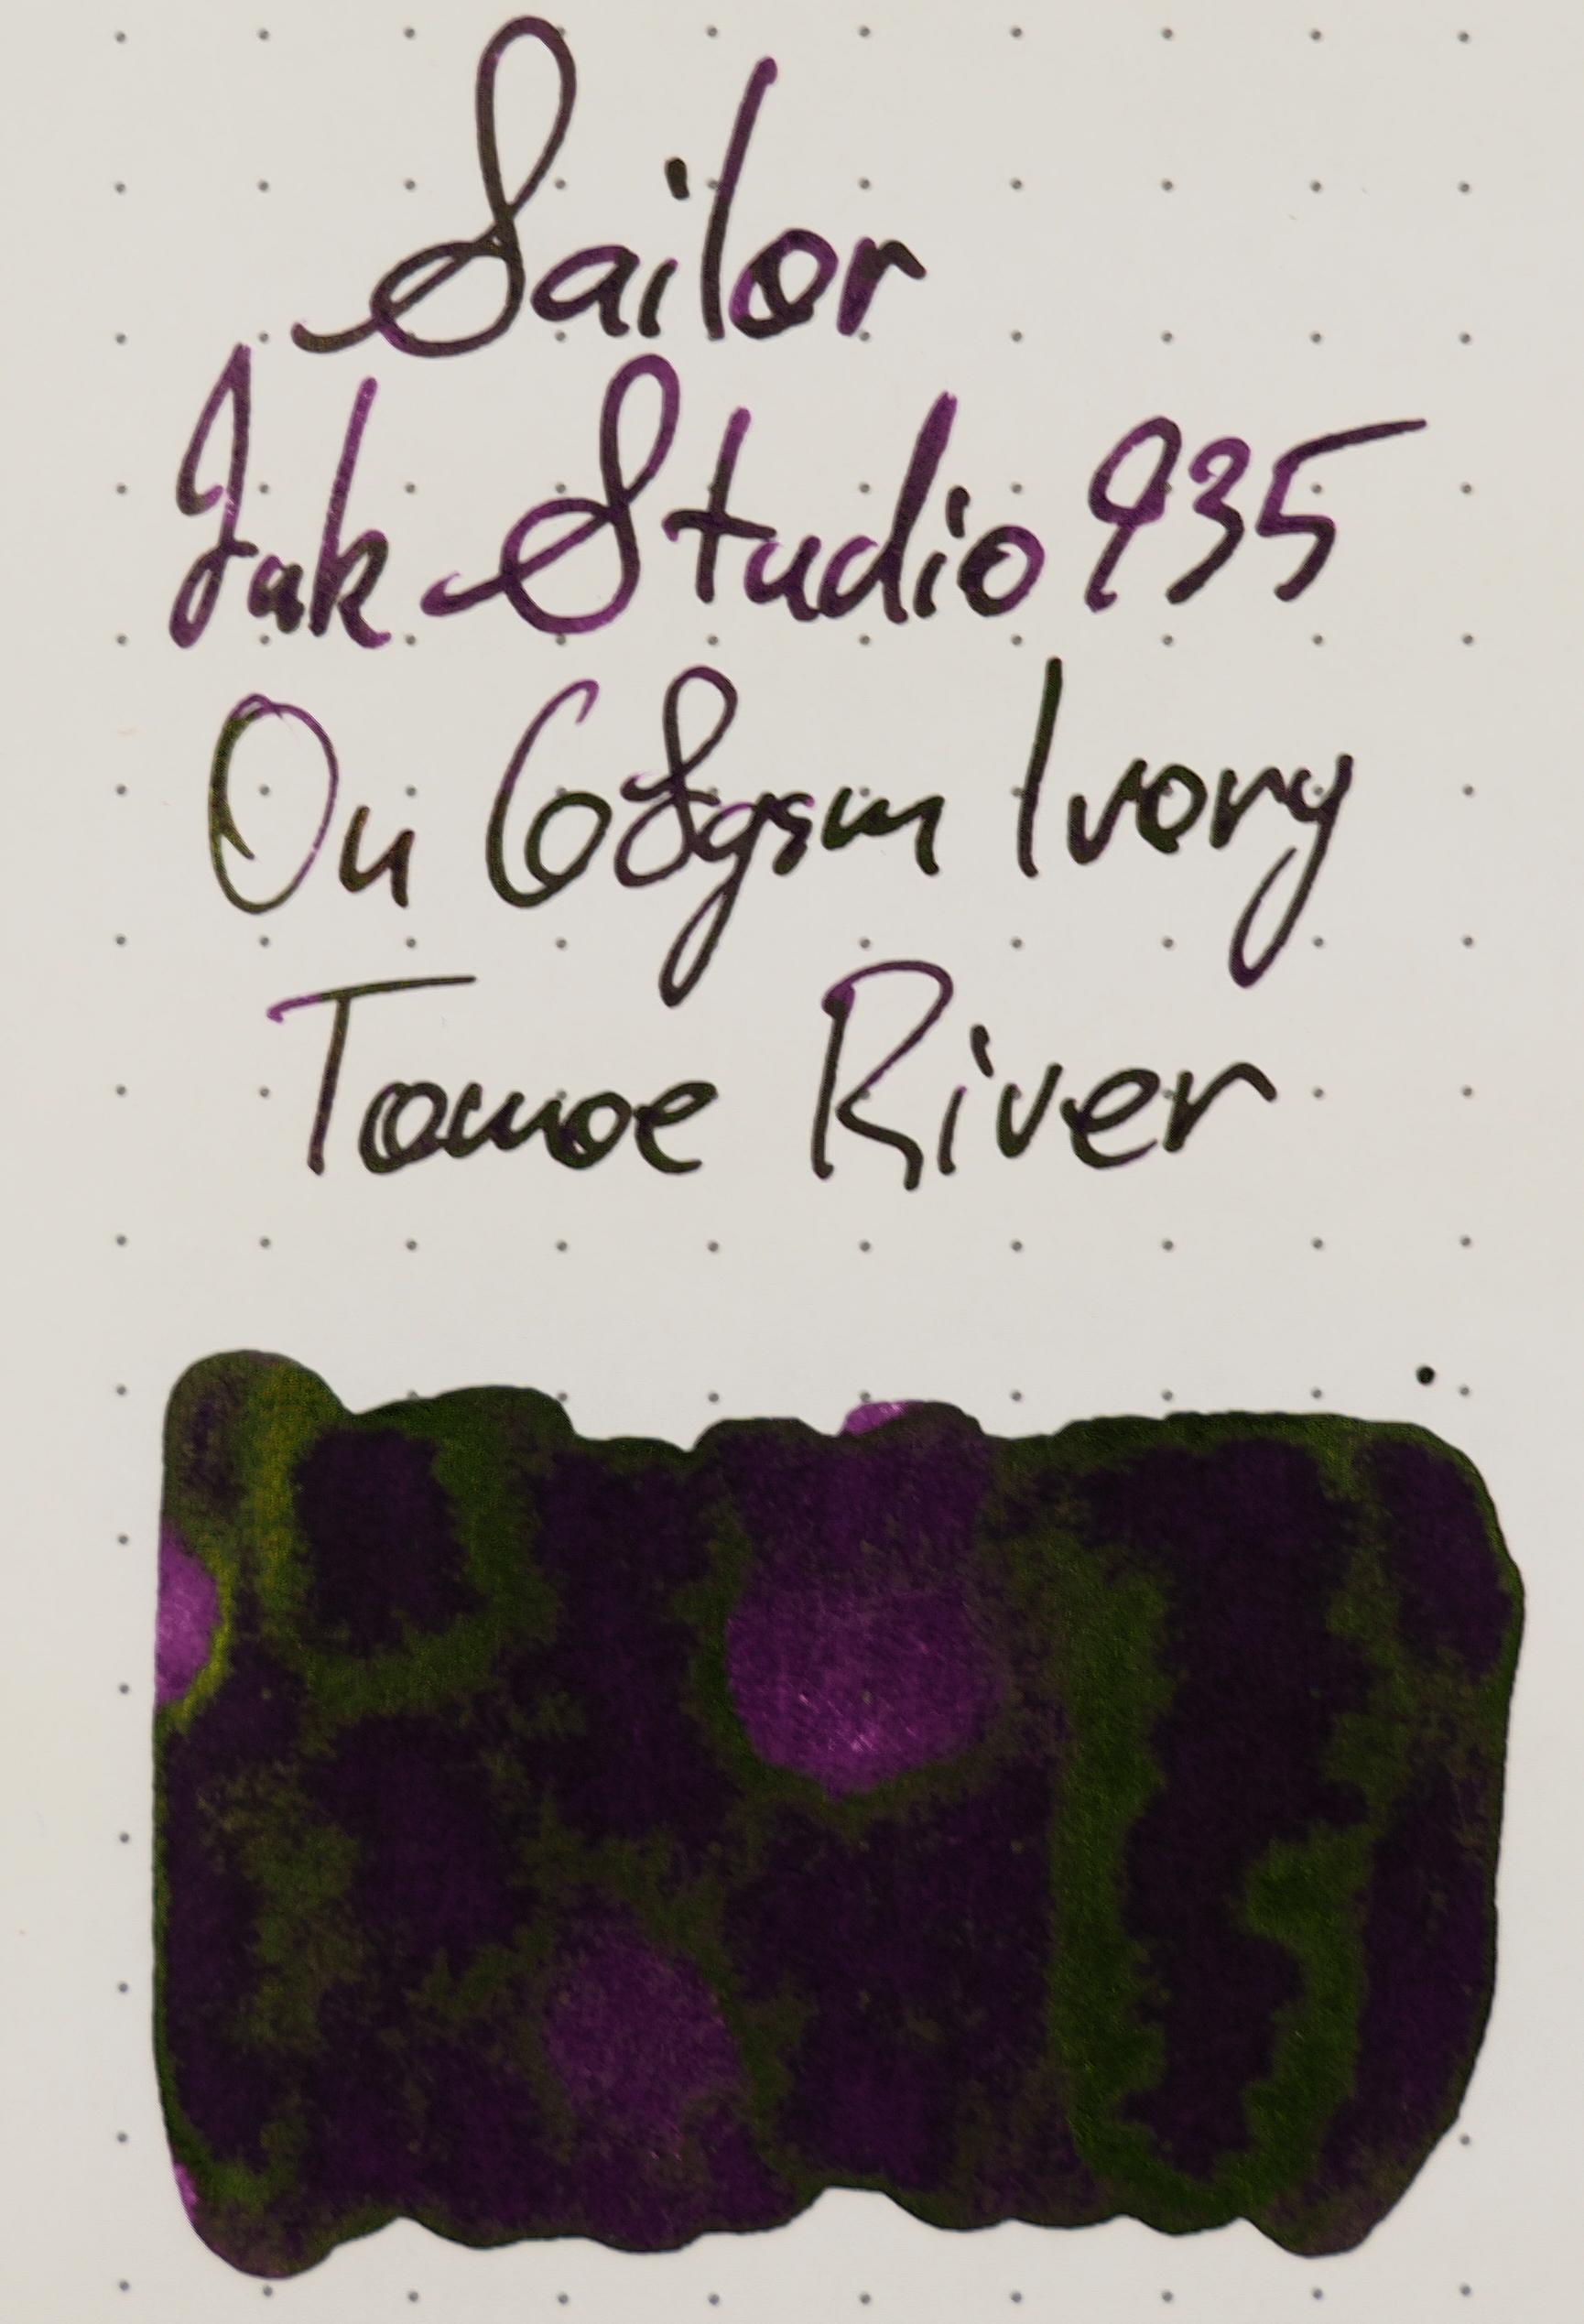 Paper 68gsm Tomoe River.jpg